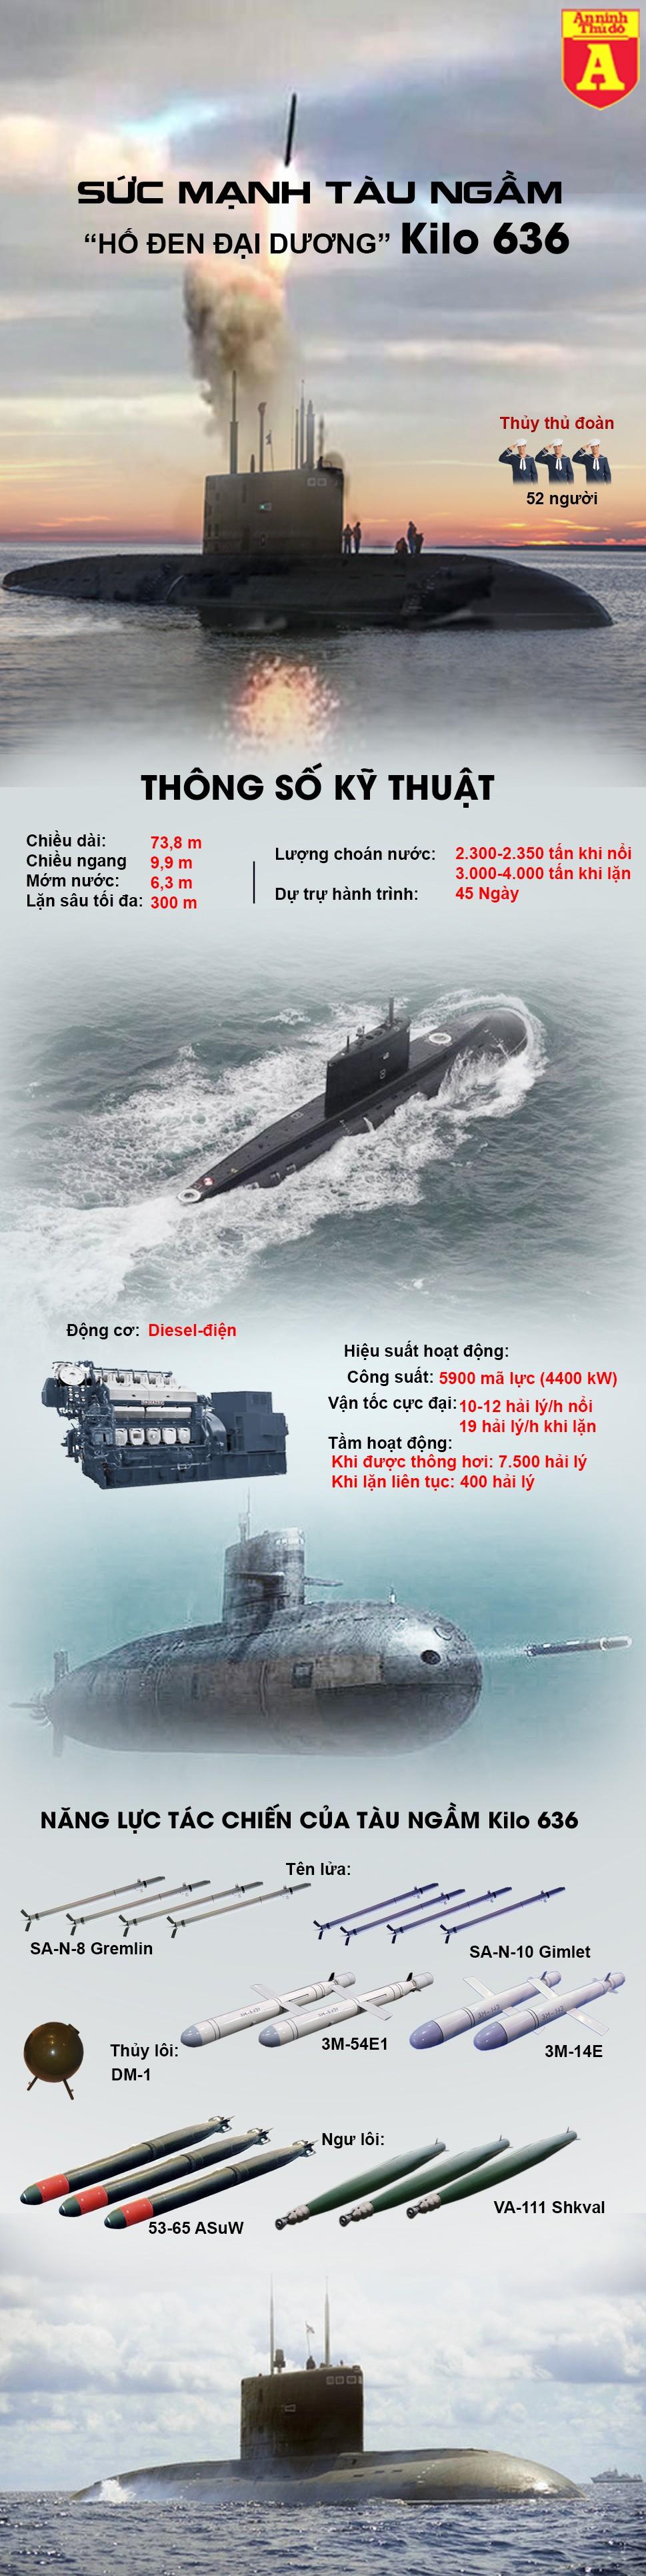 """[Info] """"Hố đen đại dương"""" Kilo 636 Nga lại lầm lũi tiến vào Địa Trung Hải ảnh 2"""